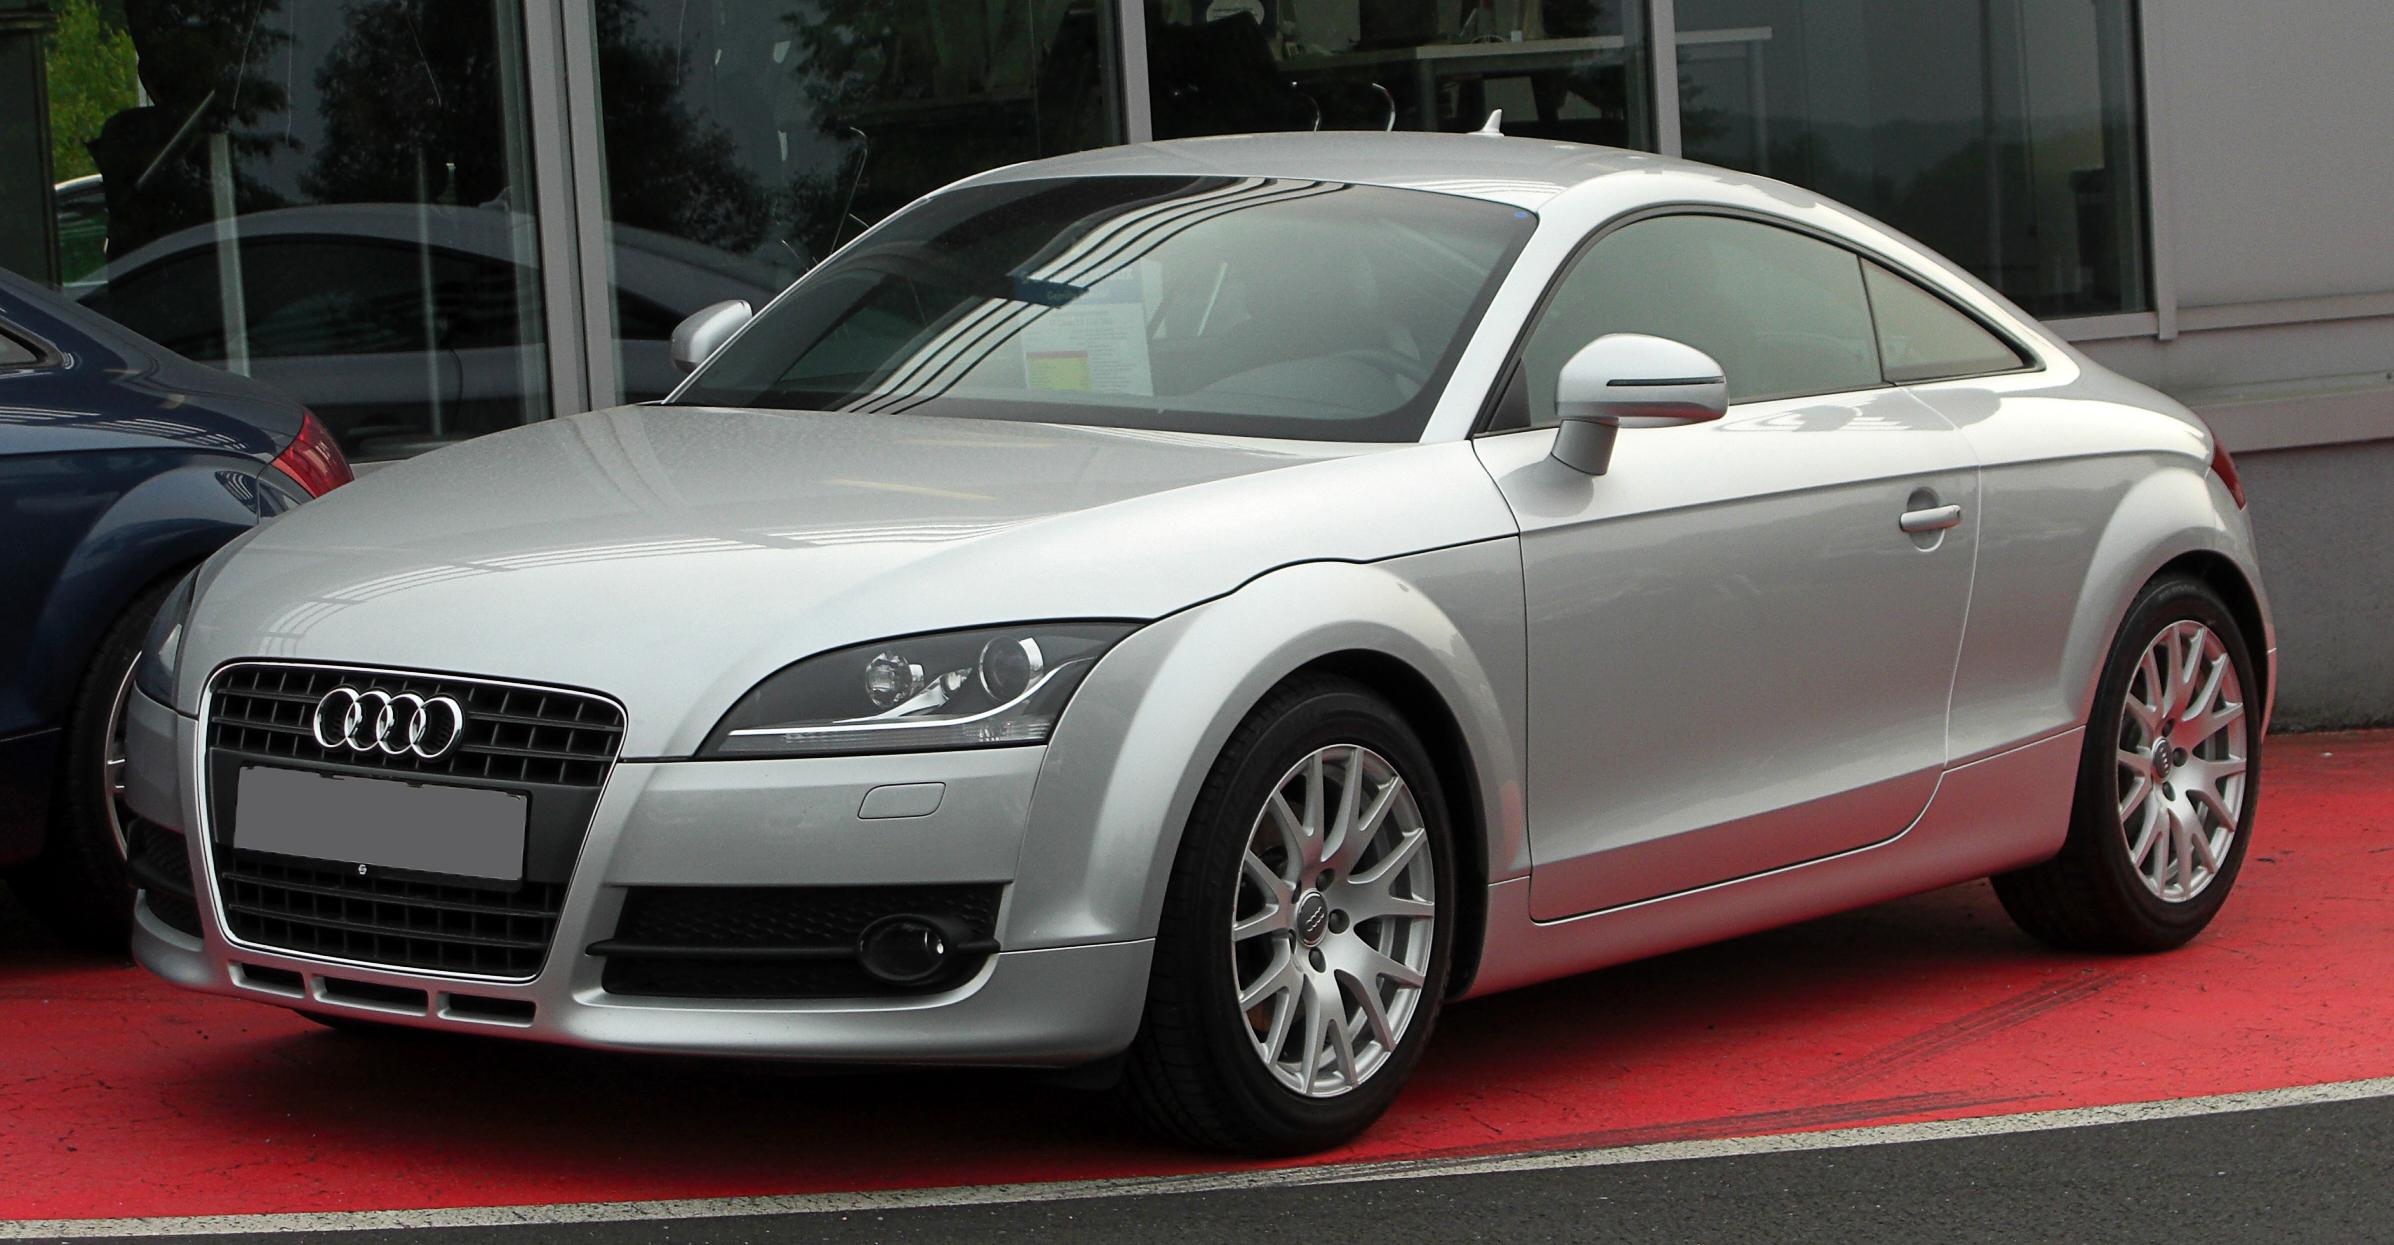 Kelebihan Kekurangan Audi Tt 2011 Top Model Tahun Ini